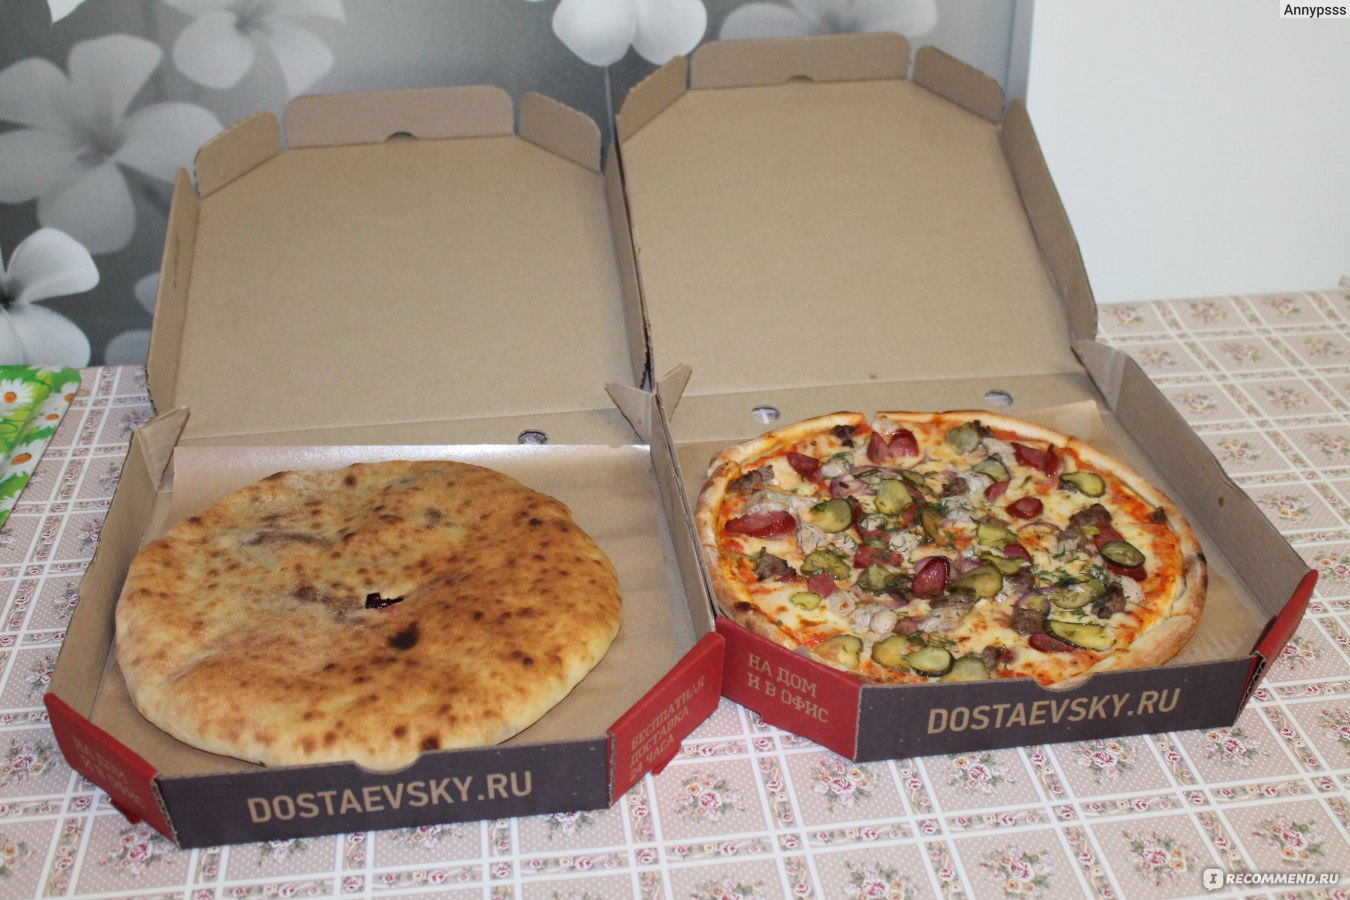 Dostaevsky Достаевский доставка пиццы суши и роллов